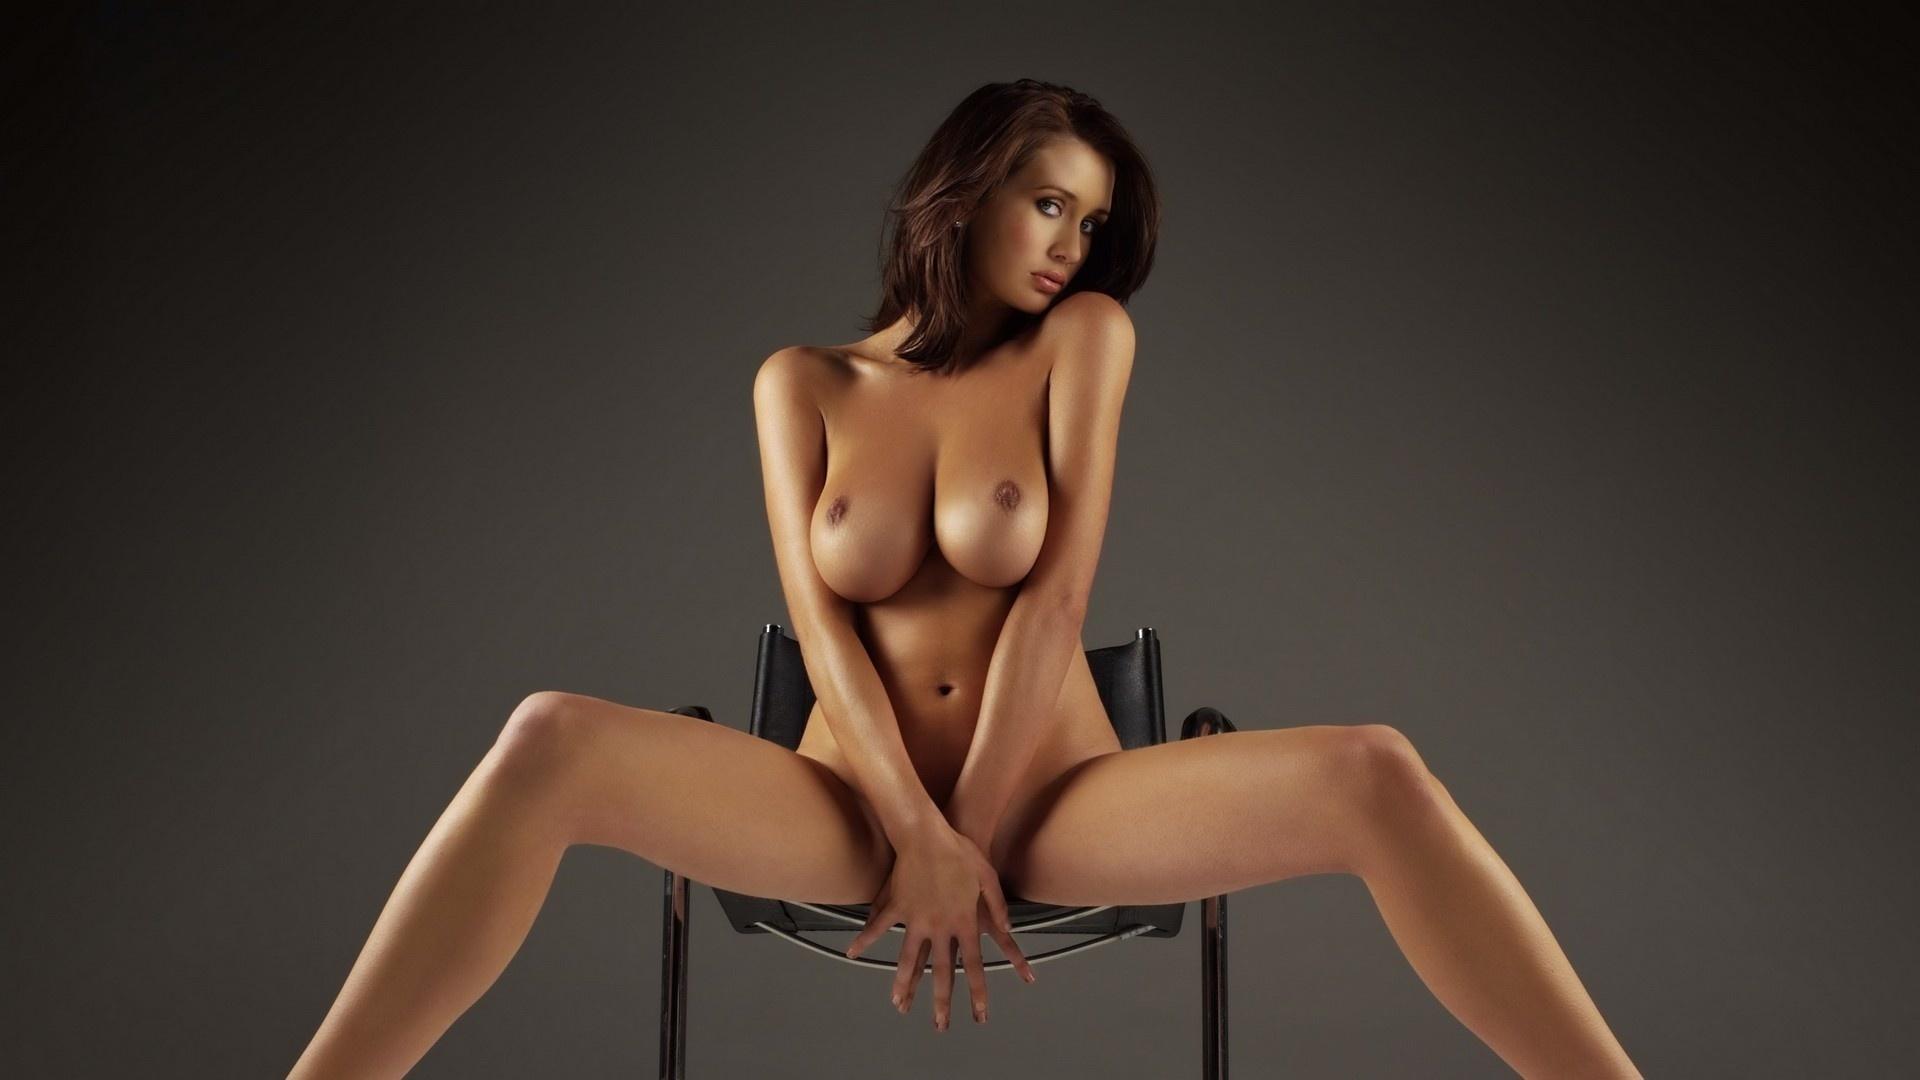 Фото красивых голых девушек на стуле 8 фотография